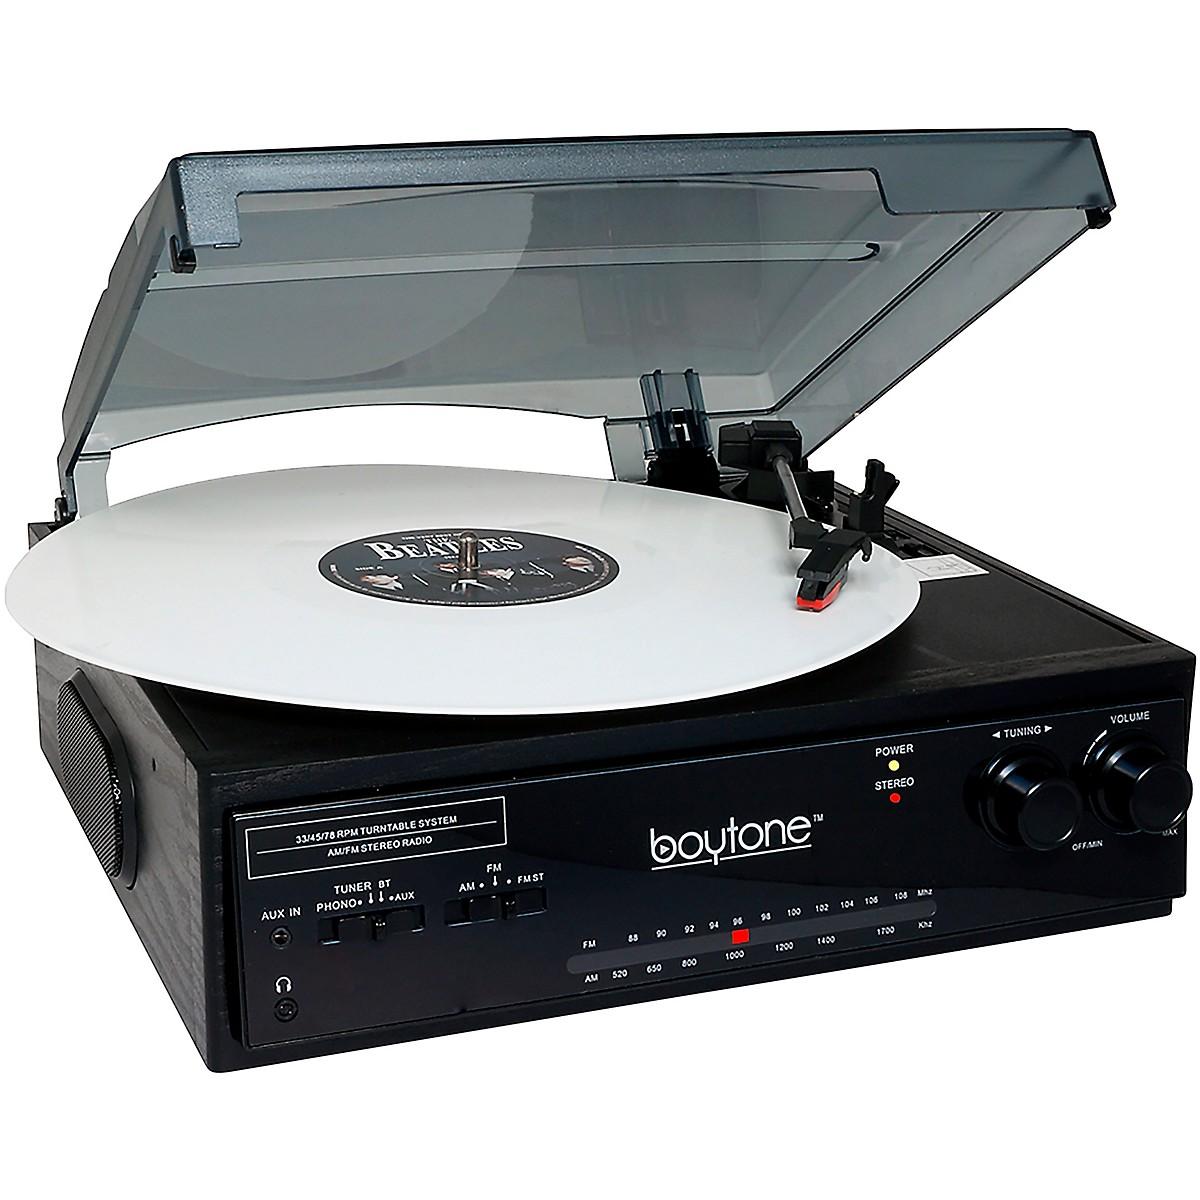 Boytone BT-13B Multimedia Audio System With Bluetooth